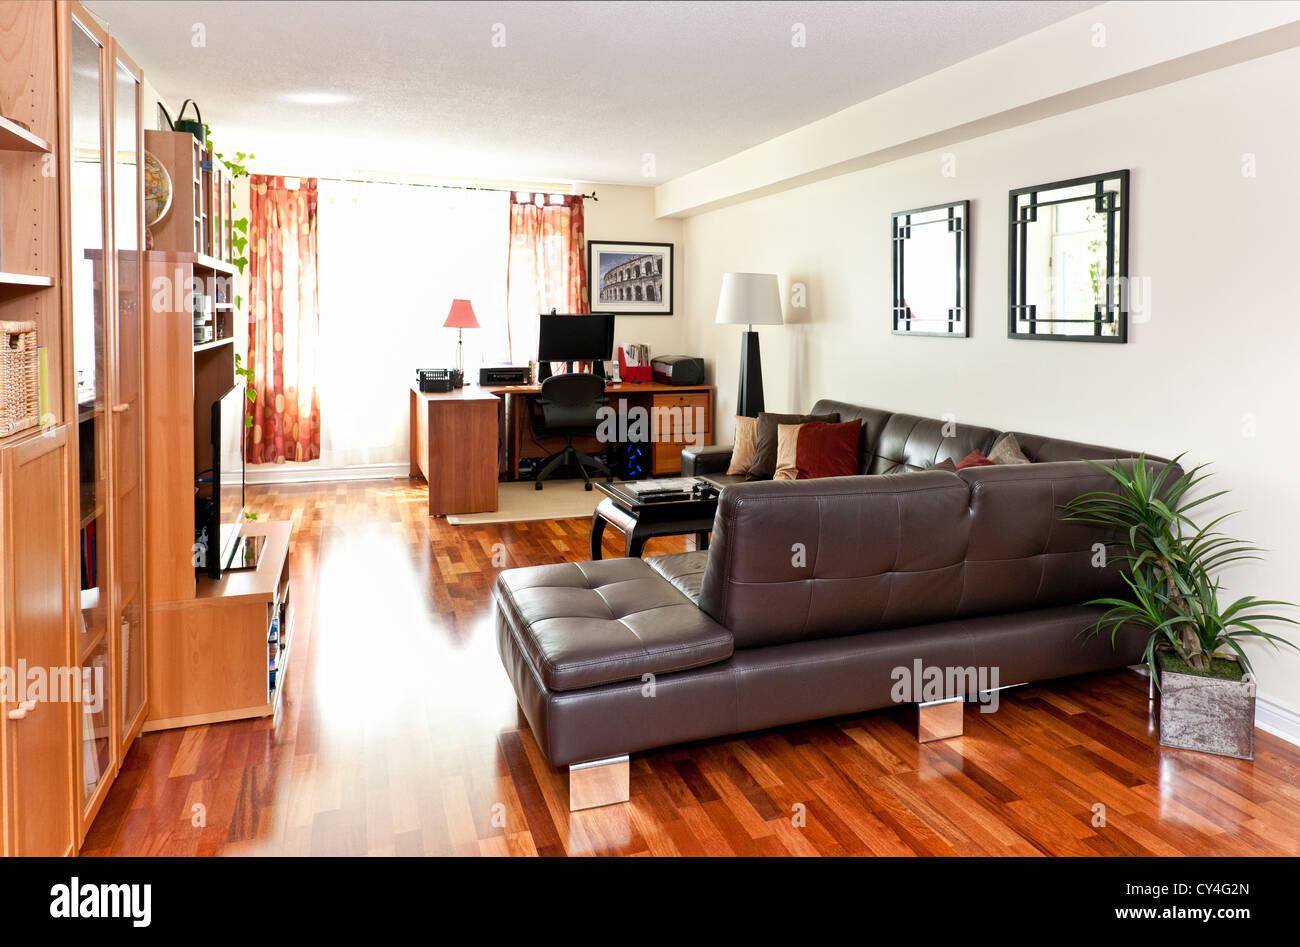 Salon avec plancher de bois franc - artwork est de photographe portfolio Photo Stock